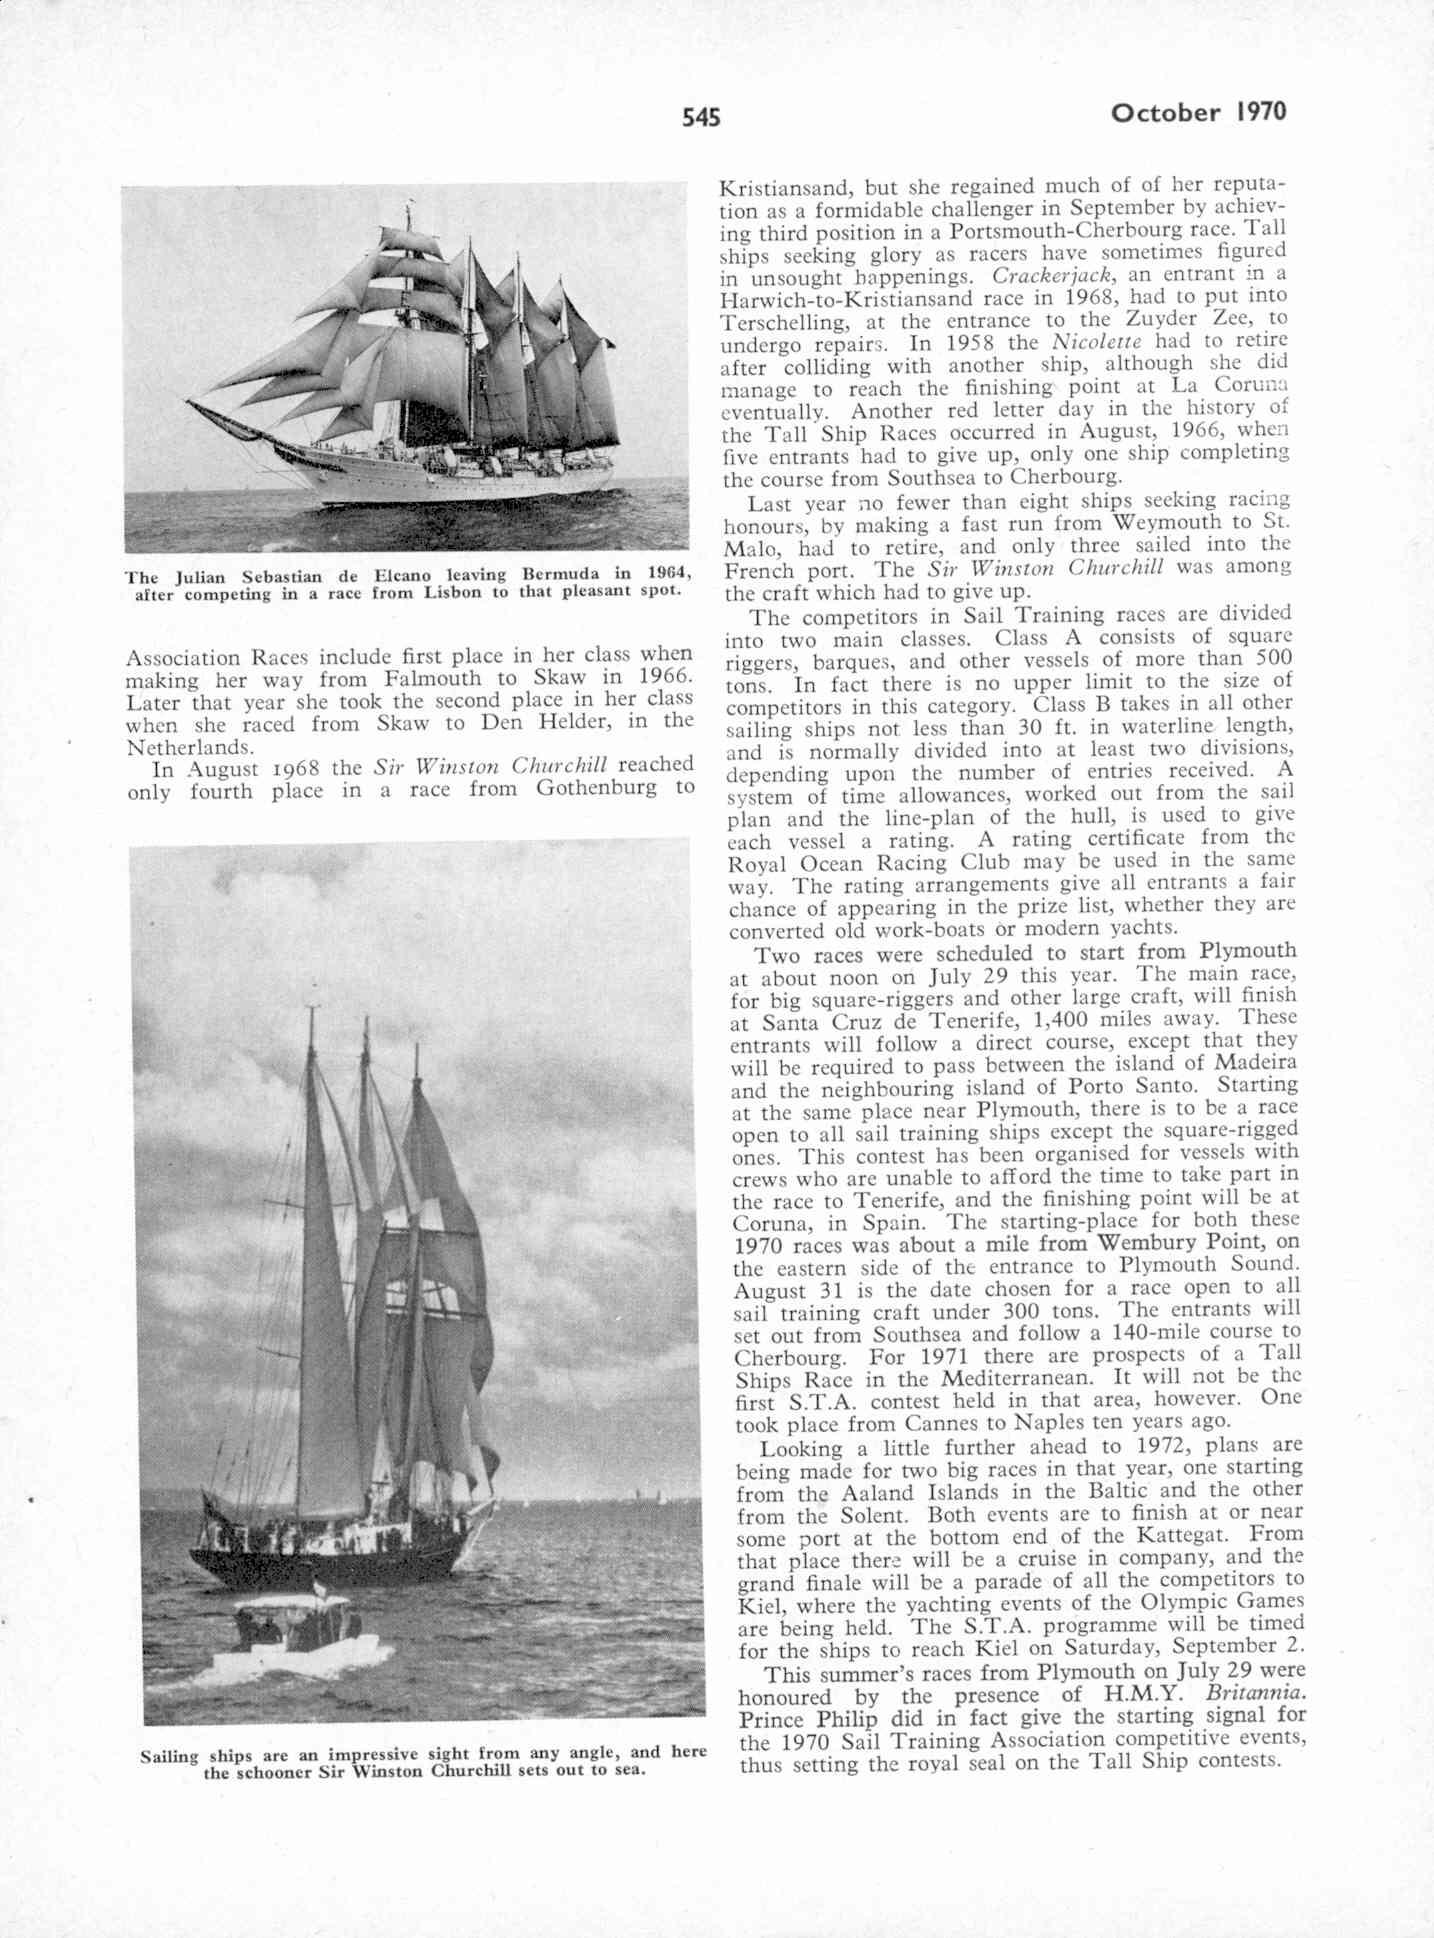 UK Meccano Magazine October 1970 Page 545